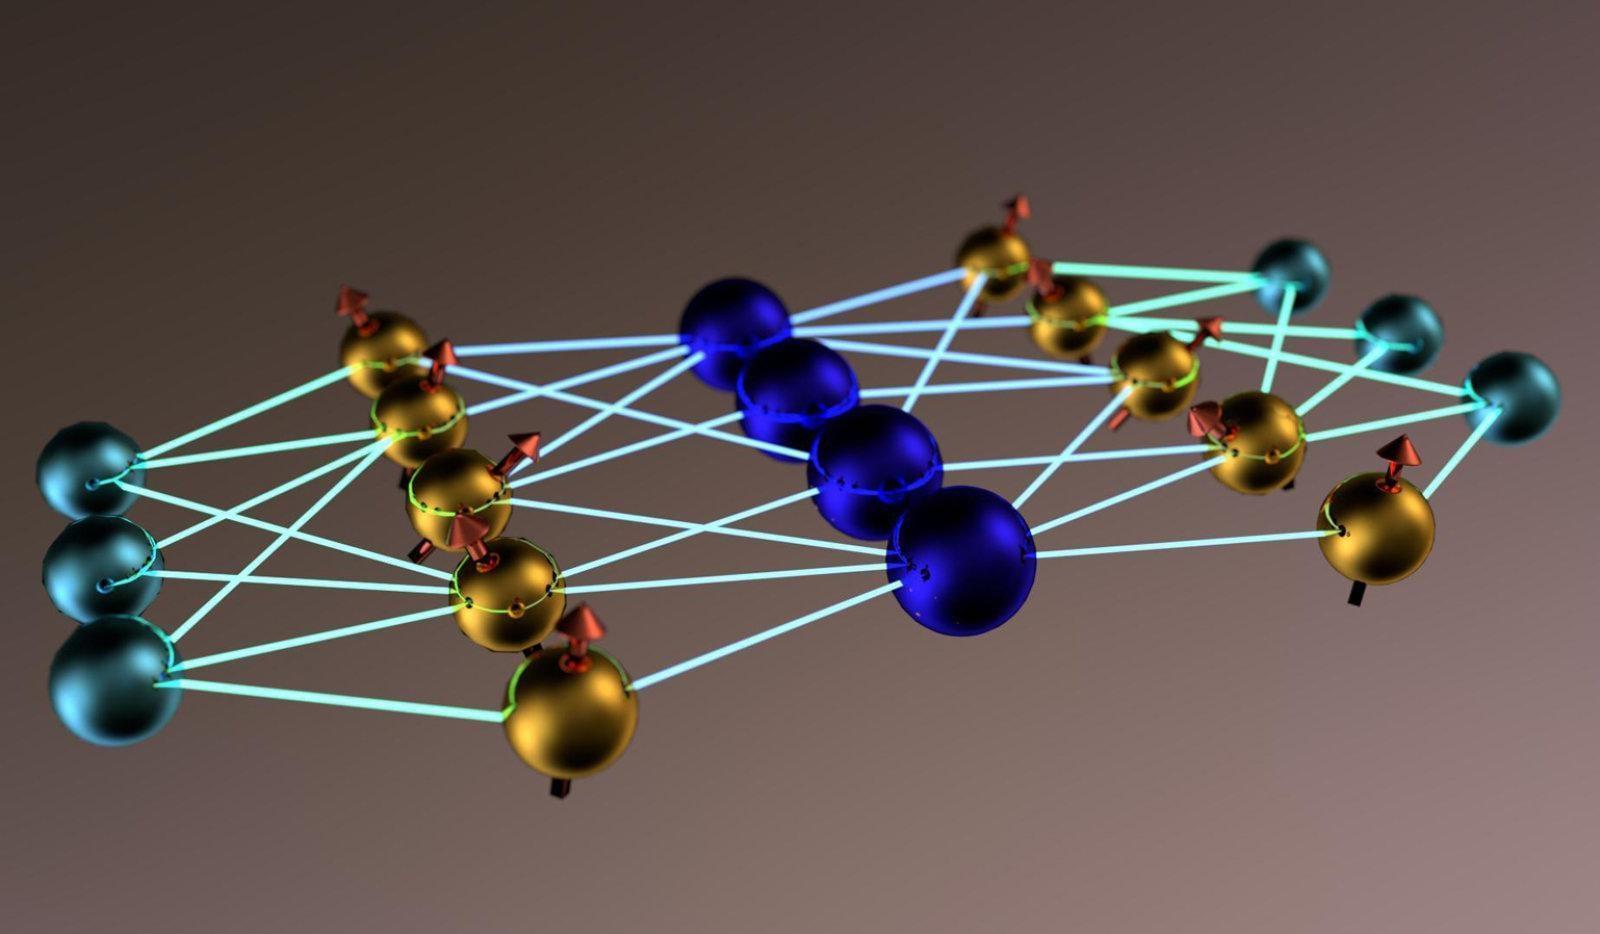 ИИ будет моделировать квантовые системы